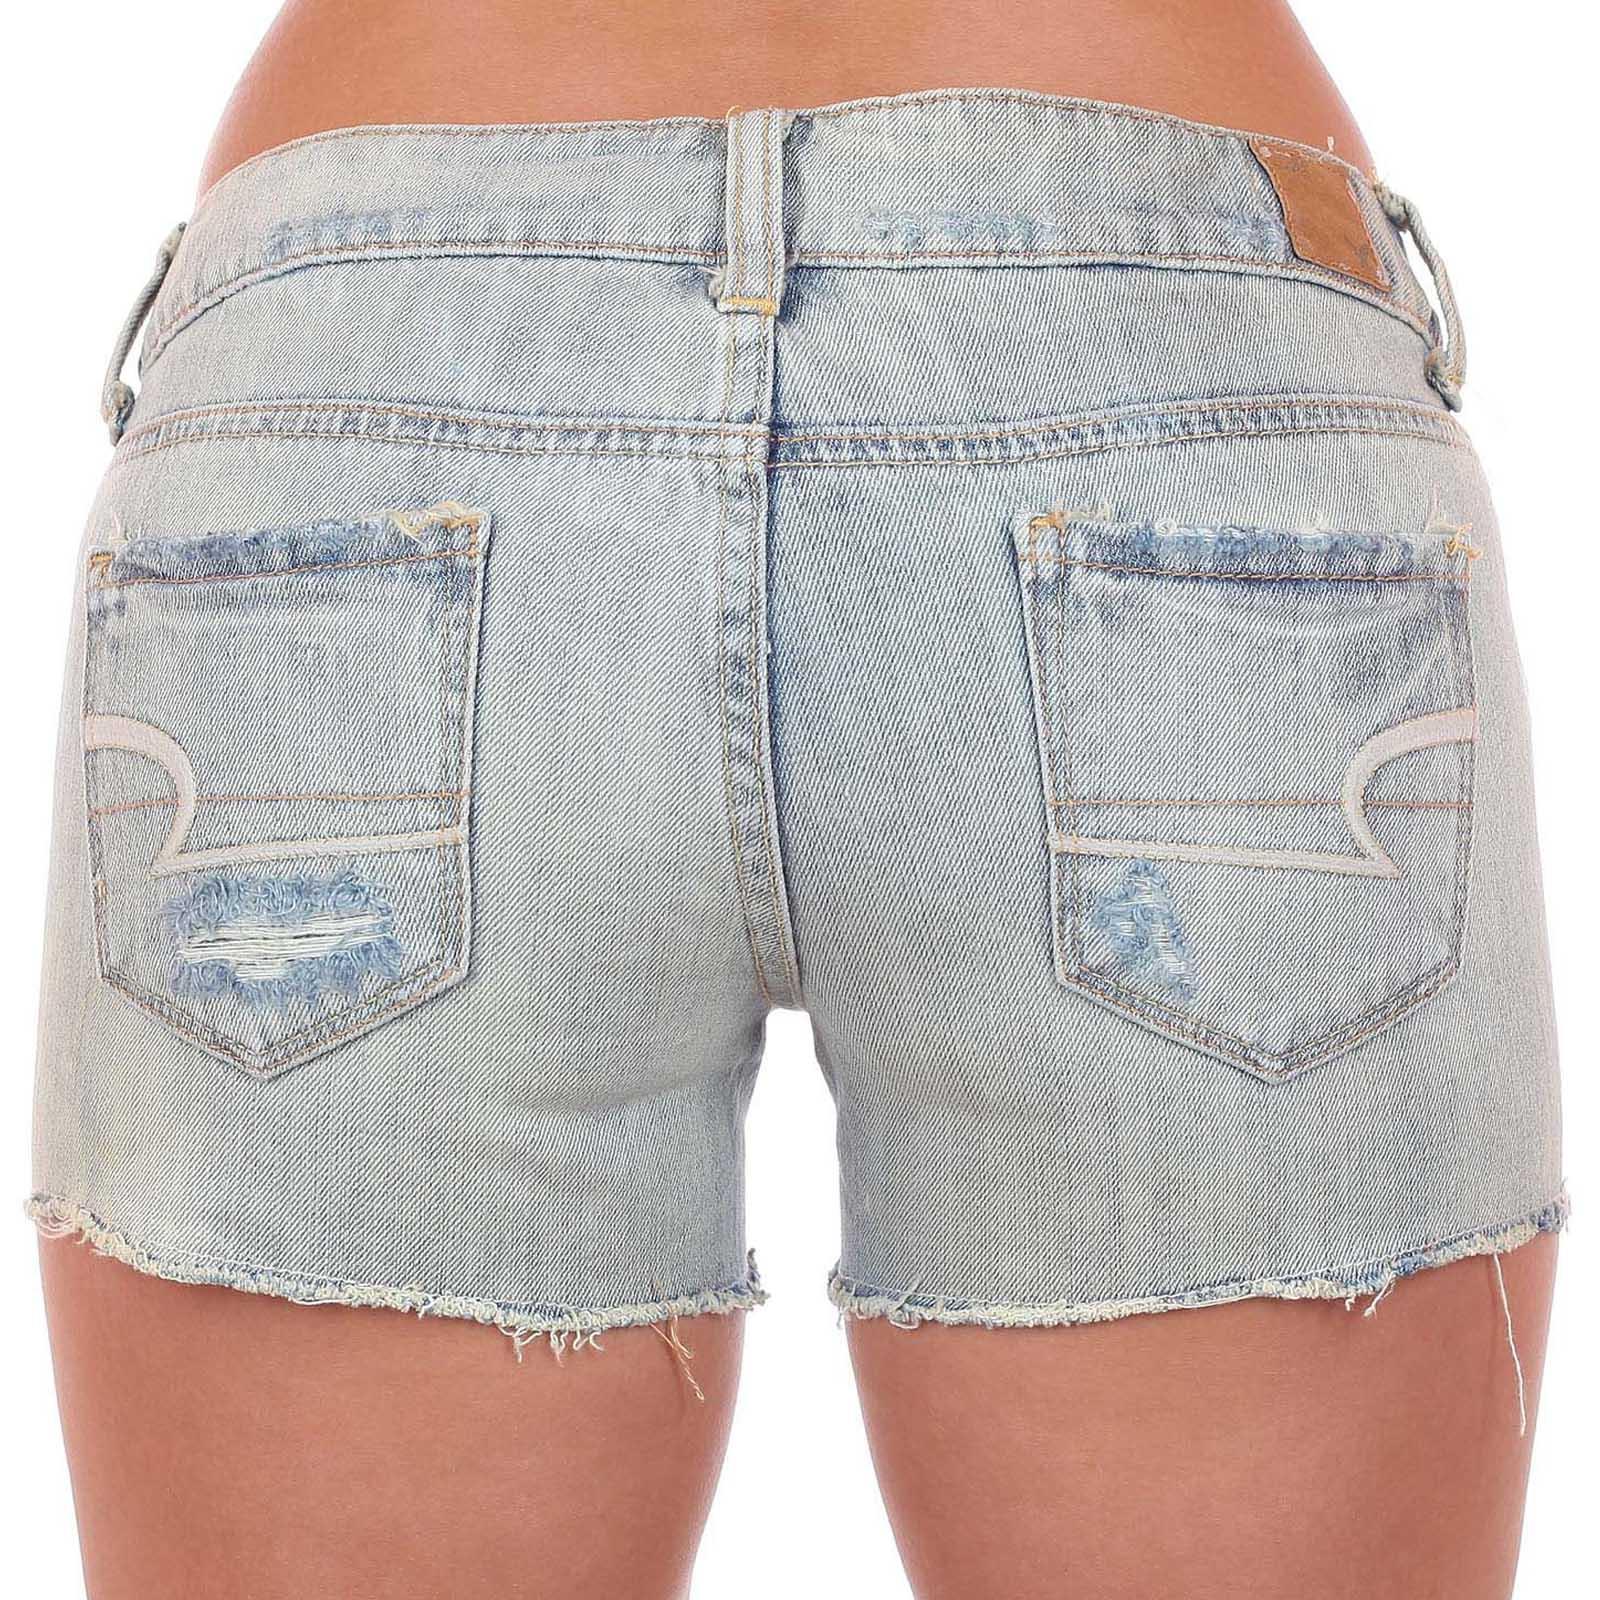 Шортики American Eagle - обрезанные затёртые джинсы из крутого материала за 45 $ в магазинах Америки с доставкой